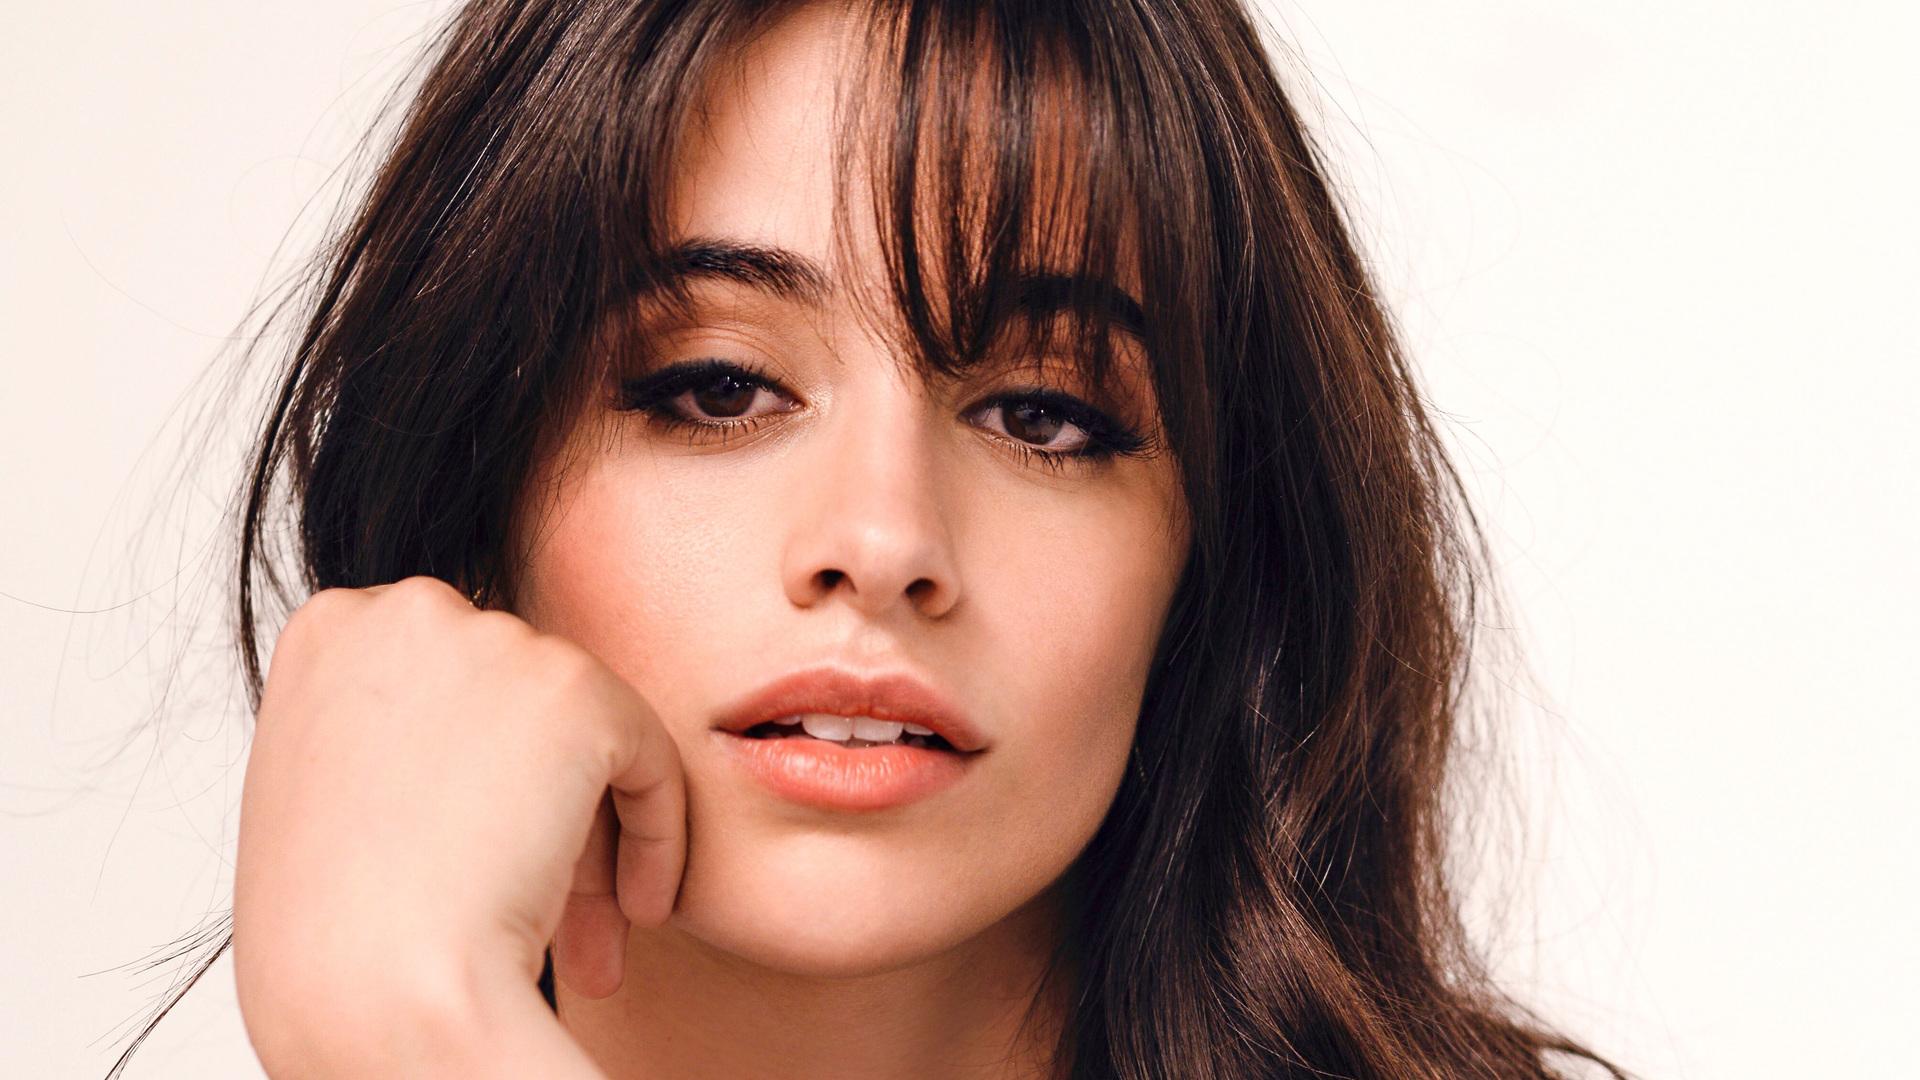 Beautiful Camila Cabello Wallpaper 64583 1920x1080px 1920x1080